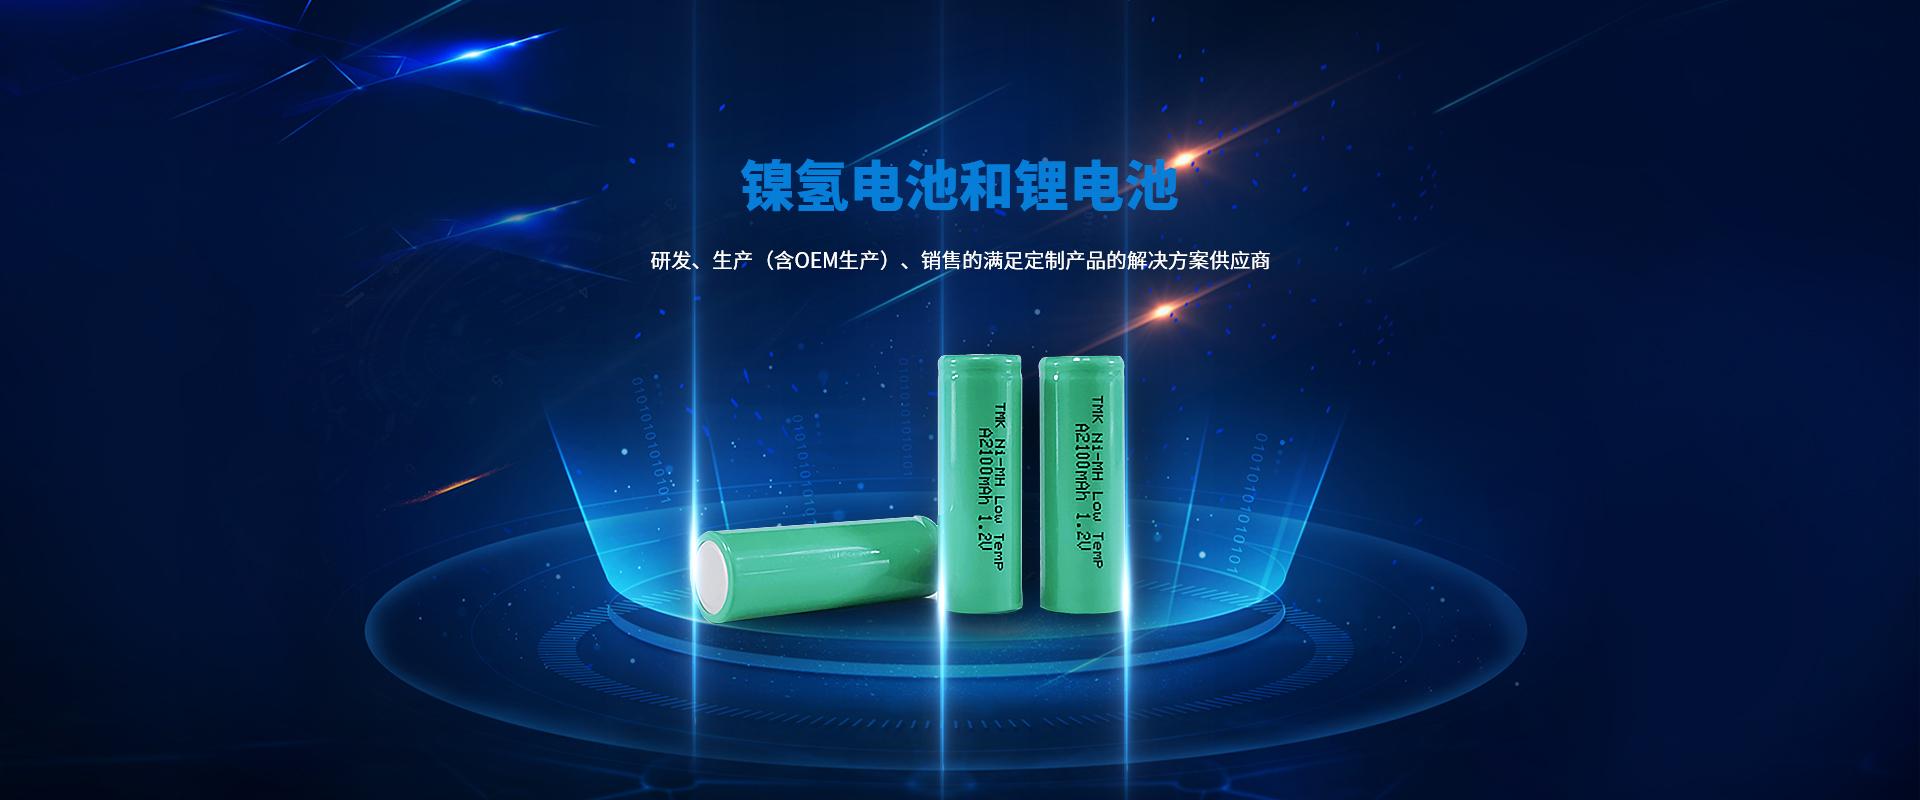 镍氢电池和锂电池